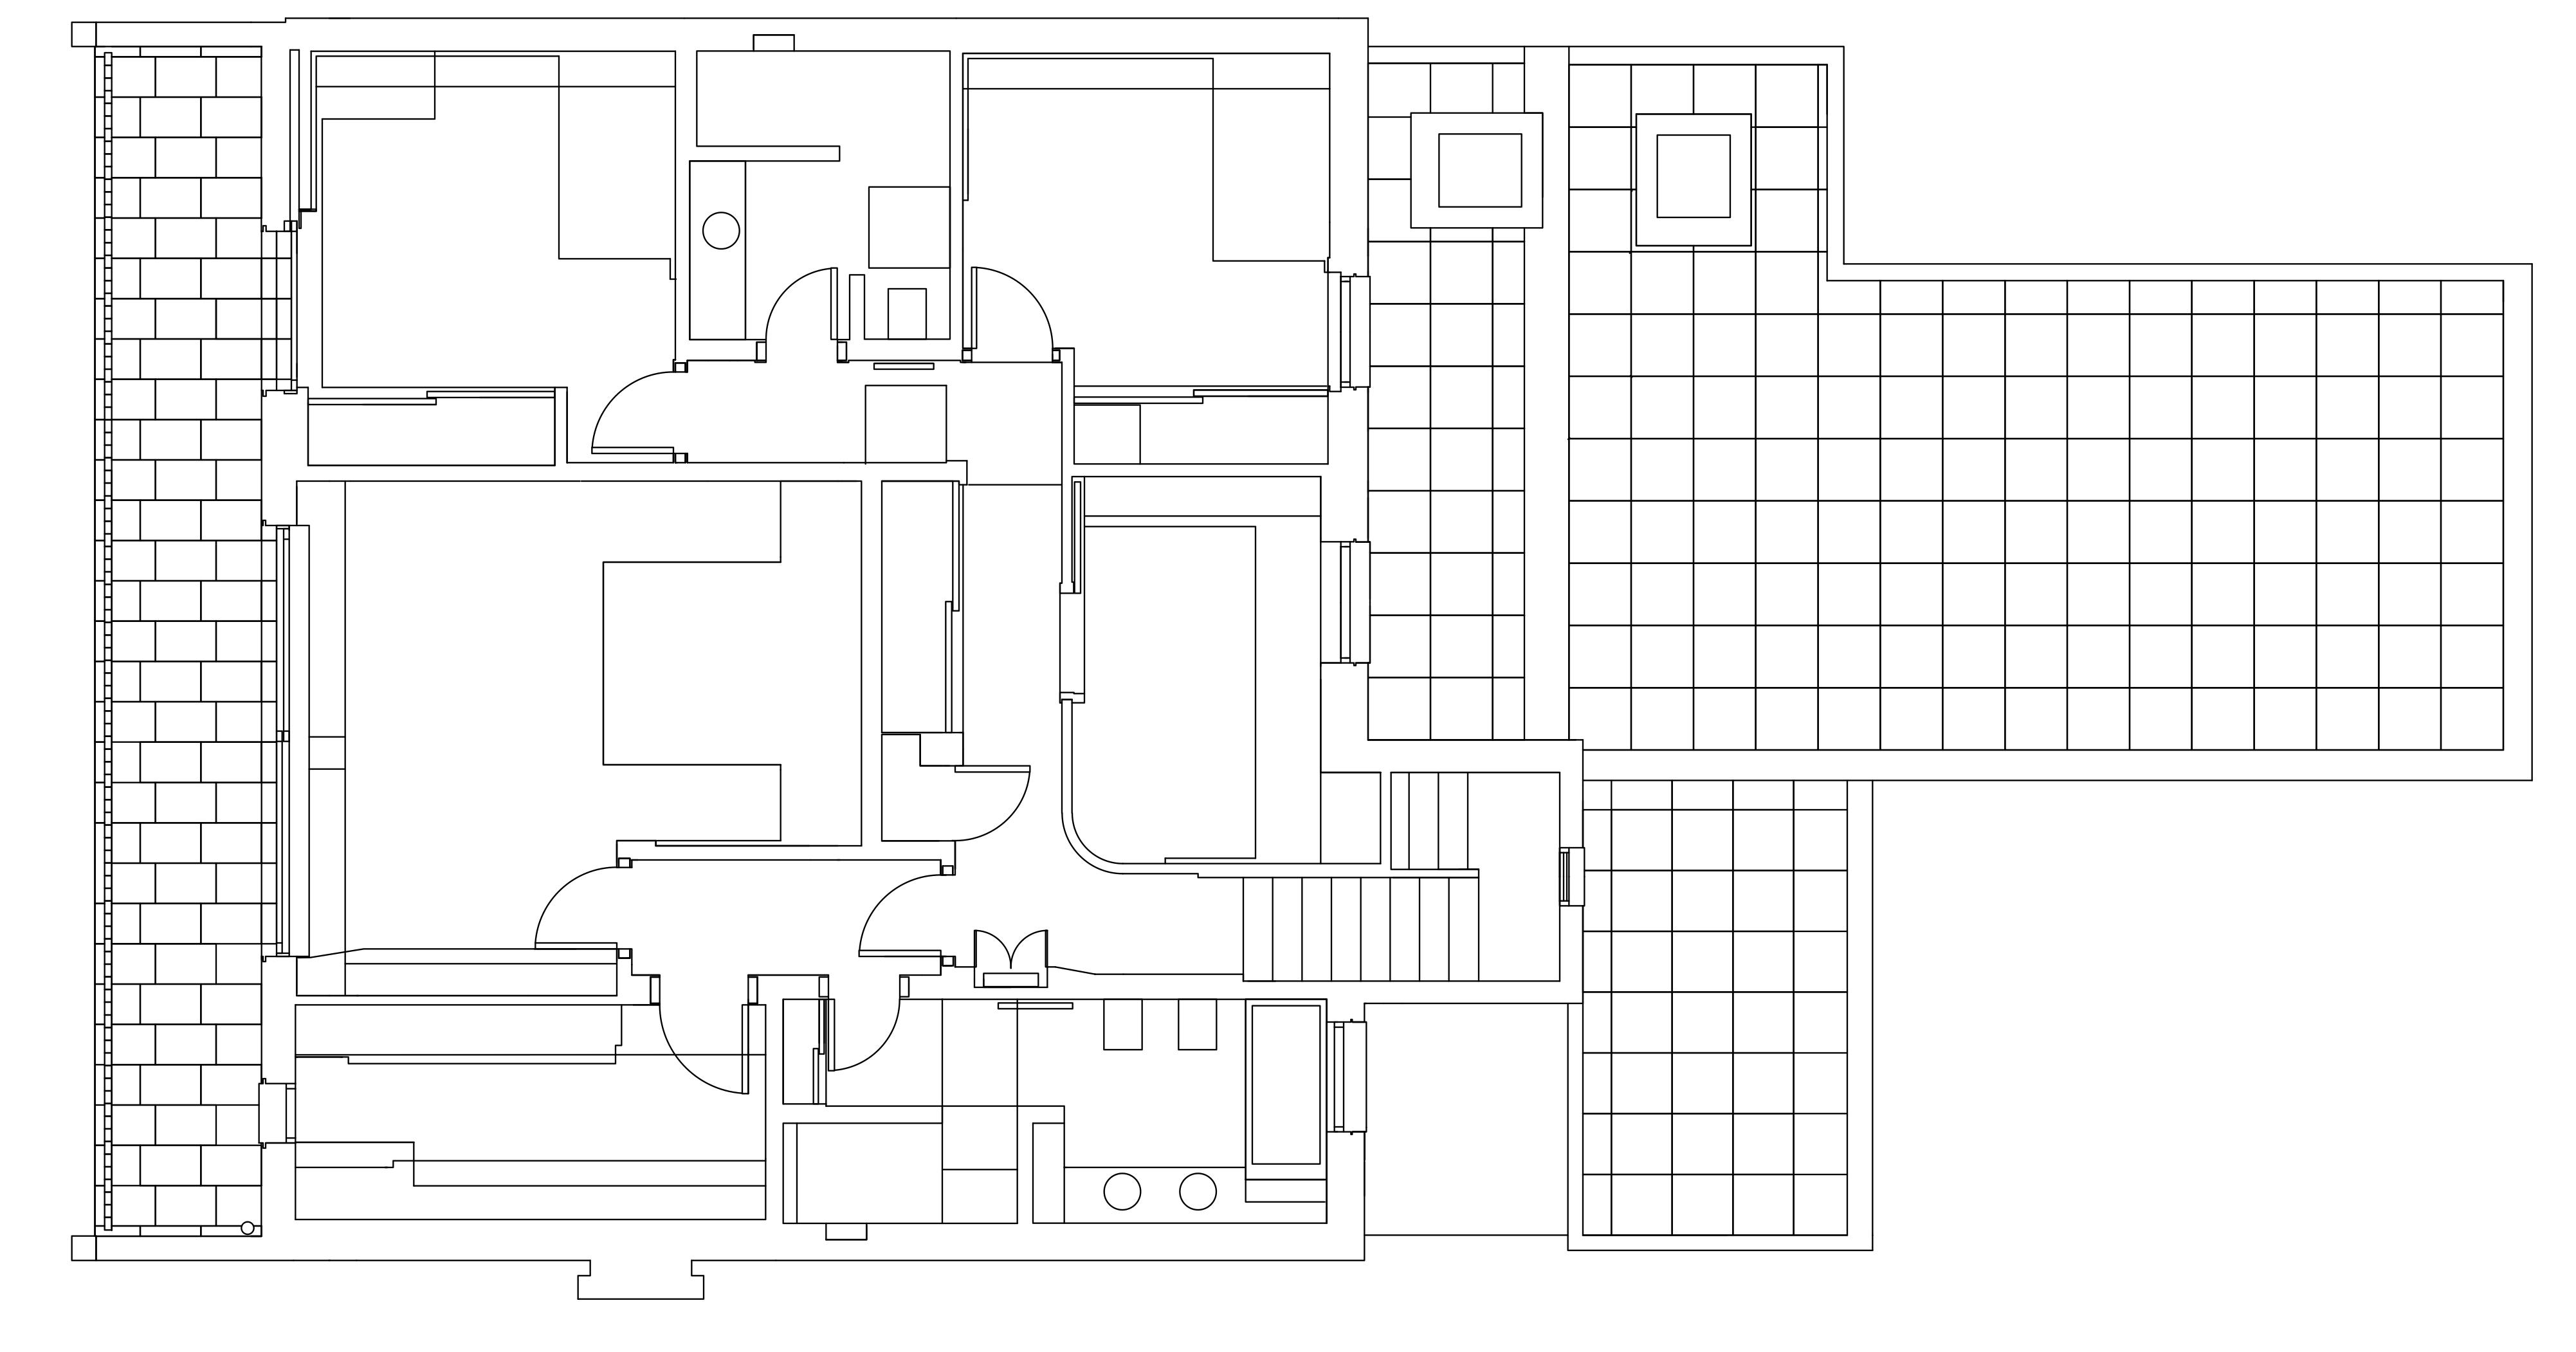 Reforma de una casa | Imagen de proyecto13